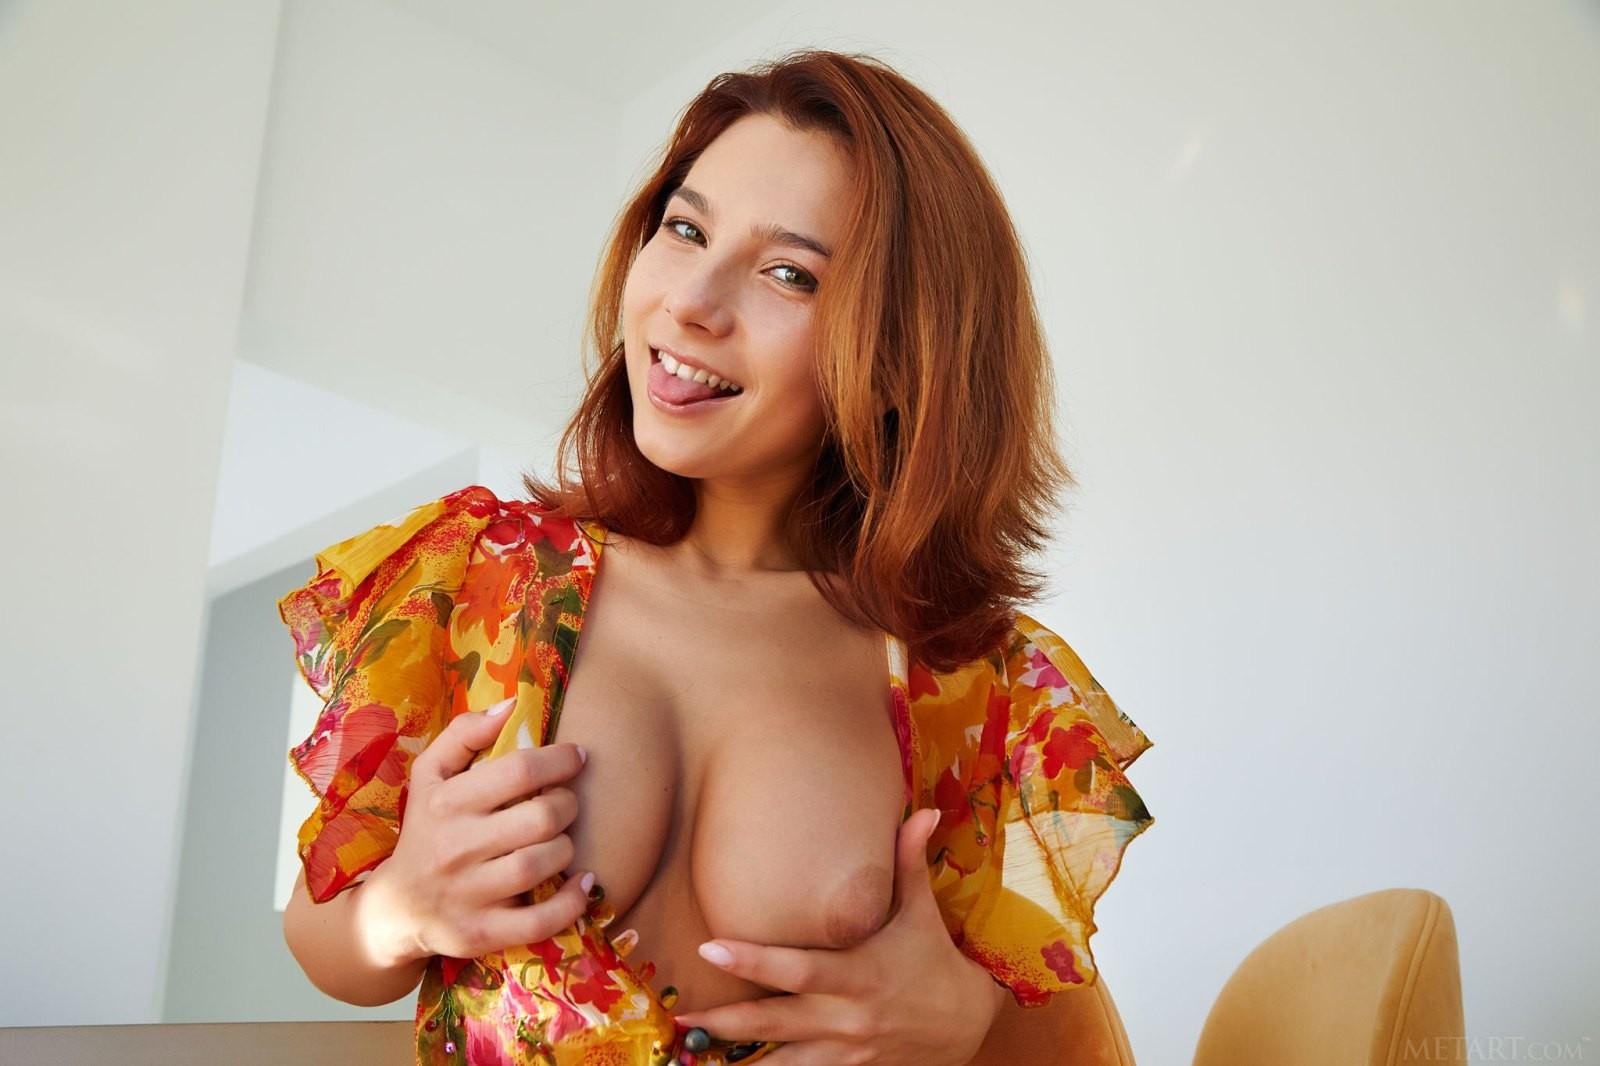 Рыжуха с шикарной упругой задницей - фото